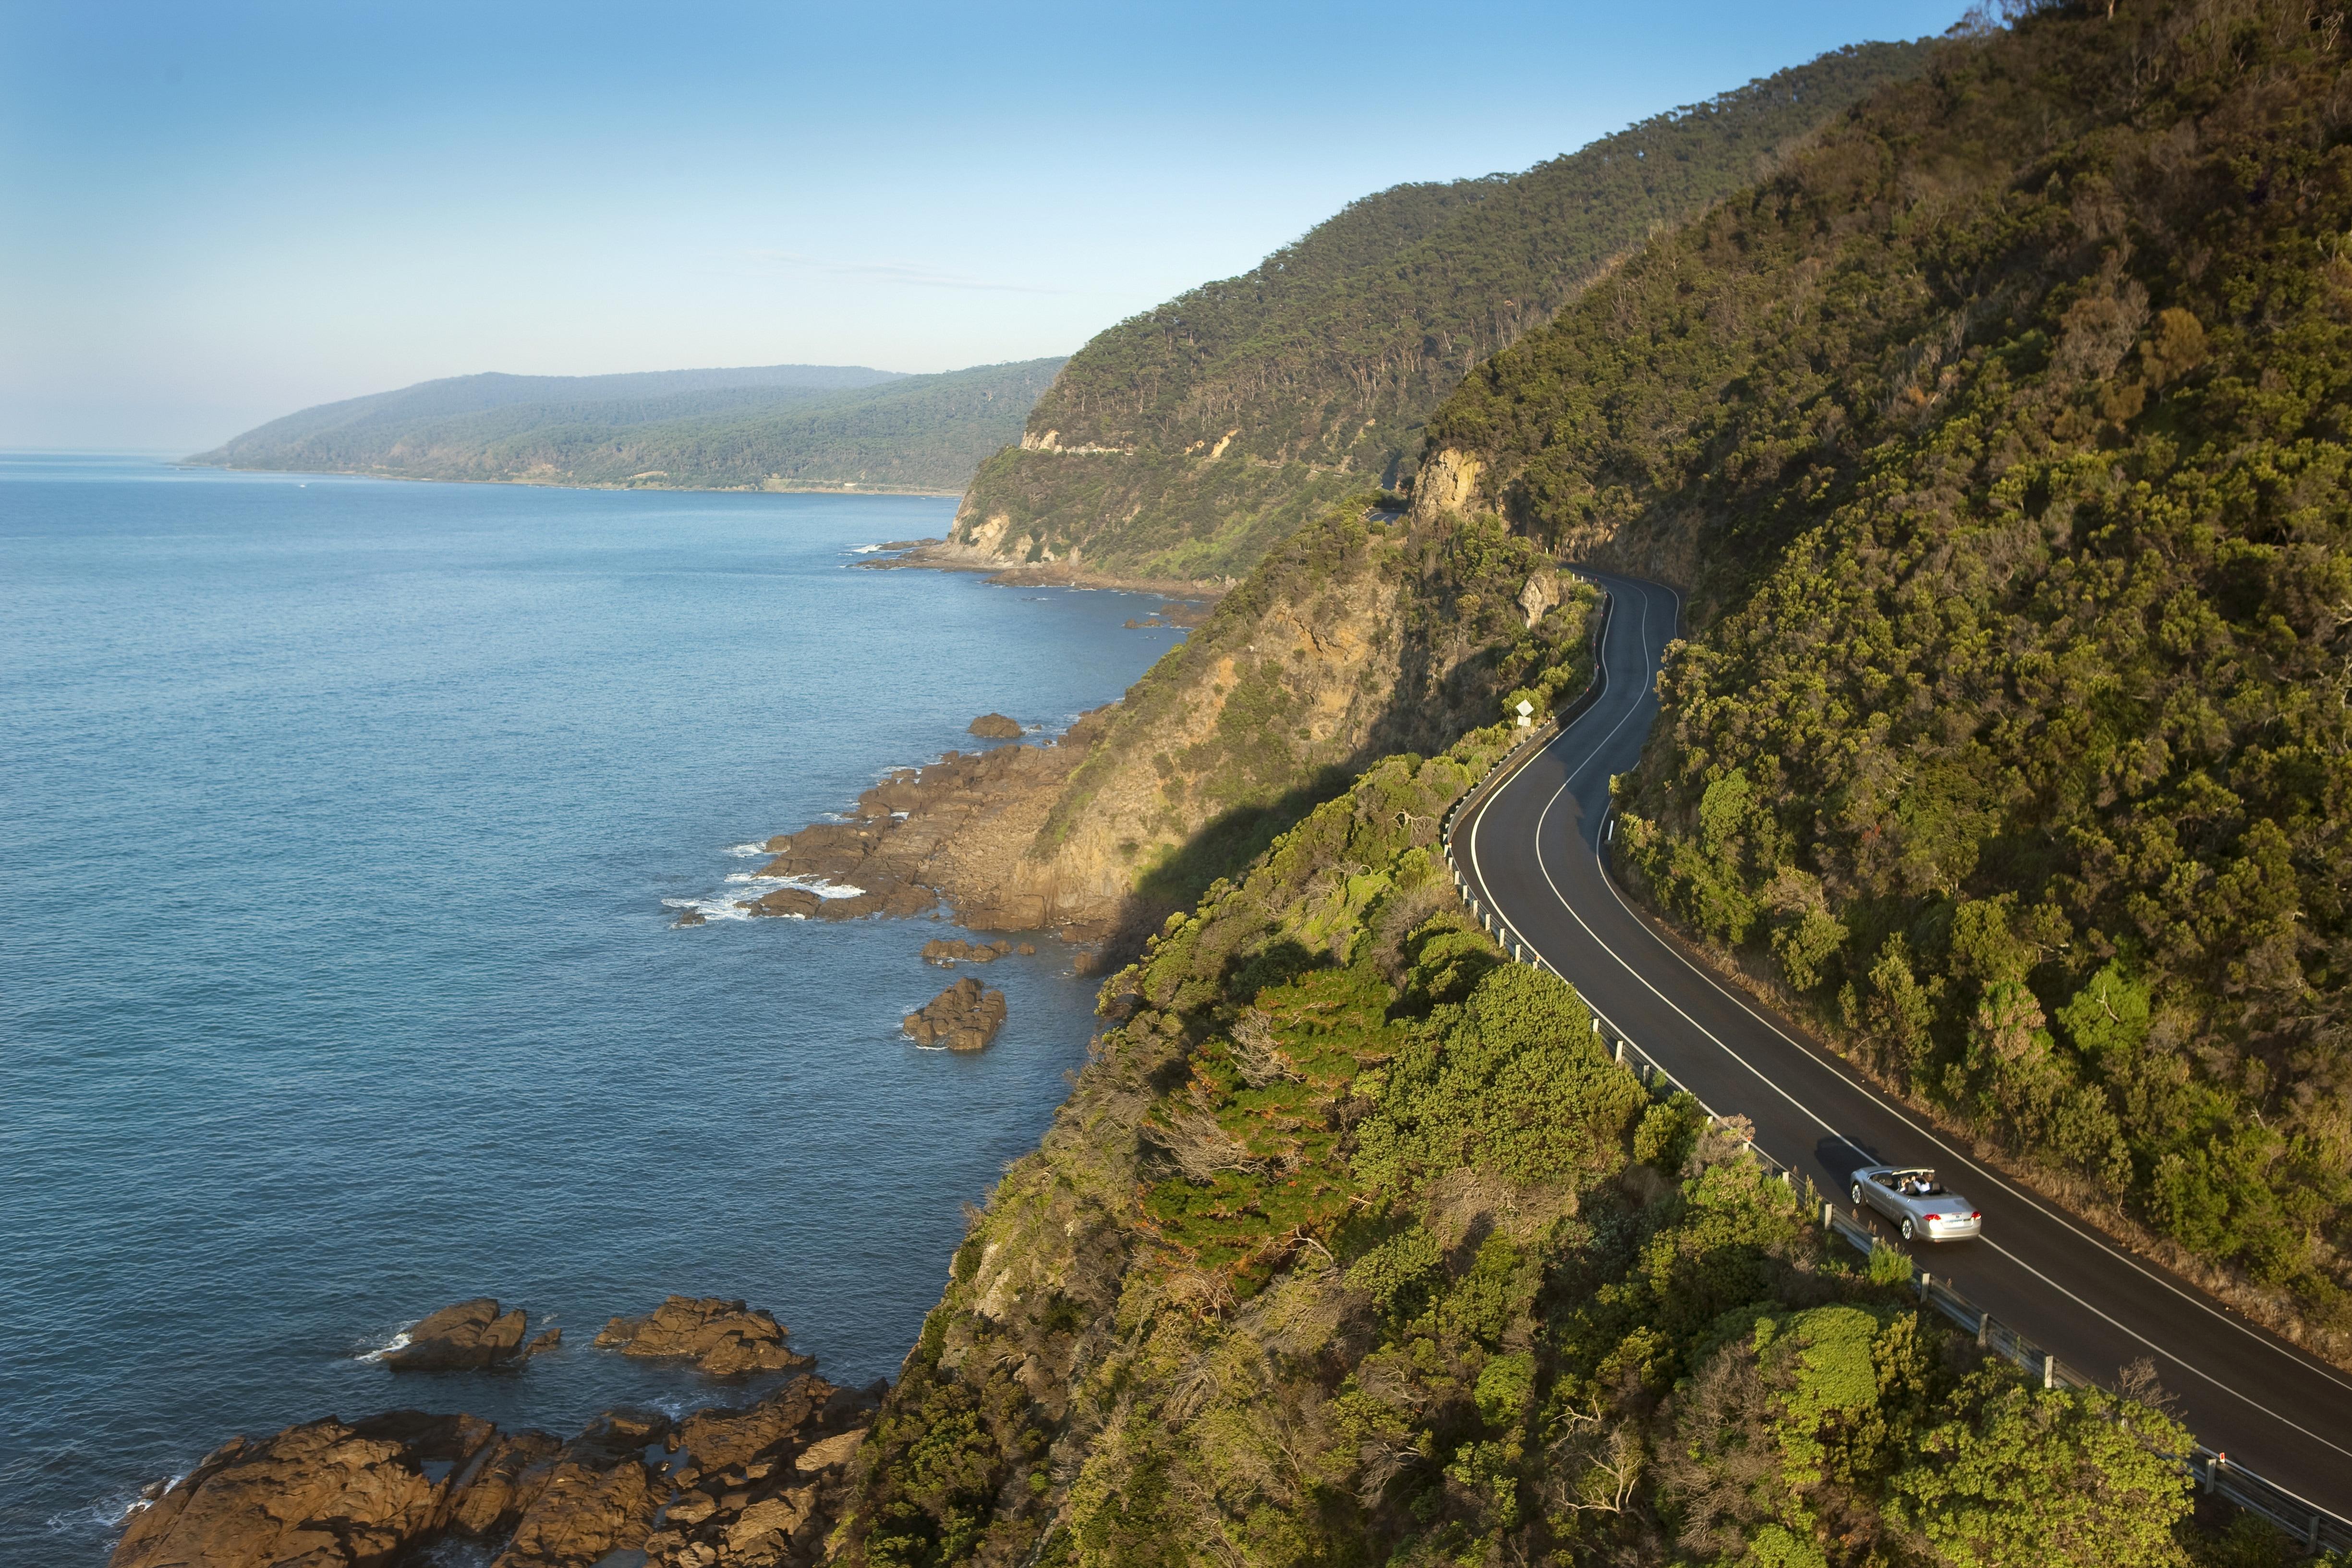 Allora Apartment Applecross melbourne to adelaide: a 5-day road trip - tourism australia